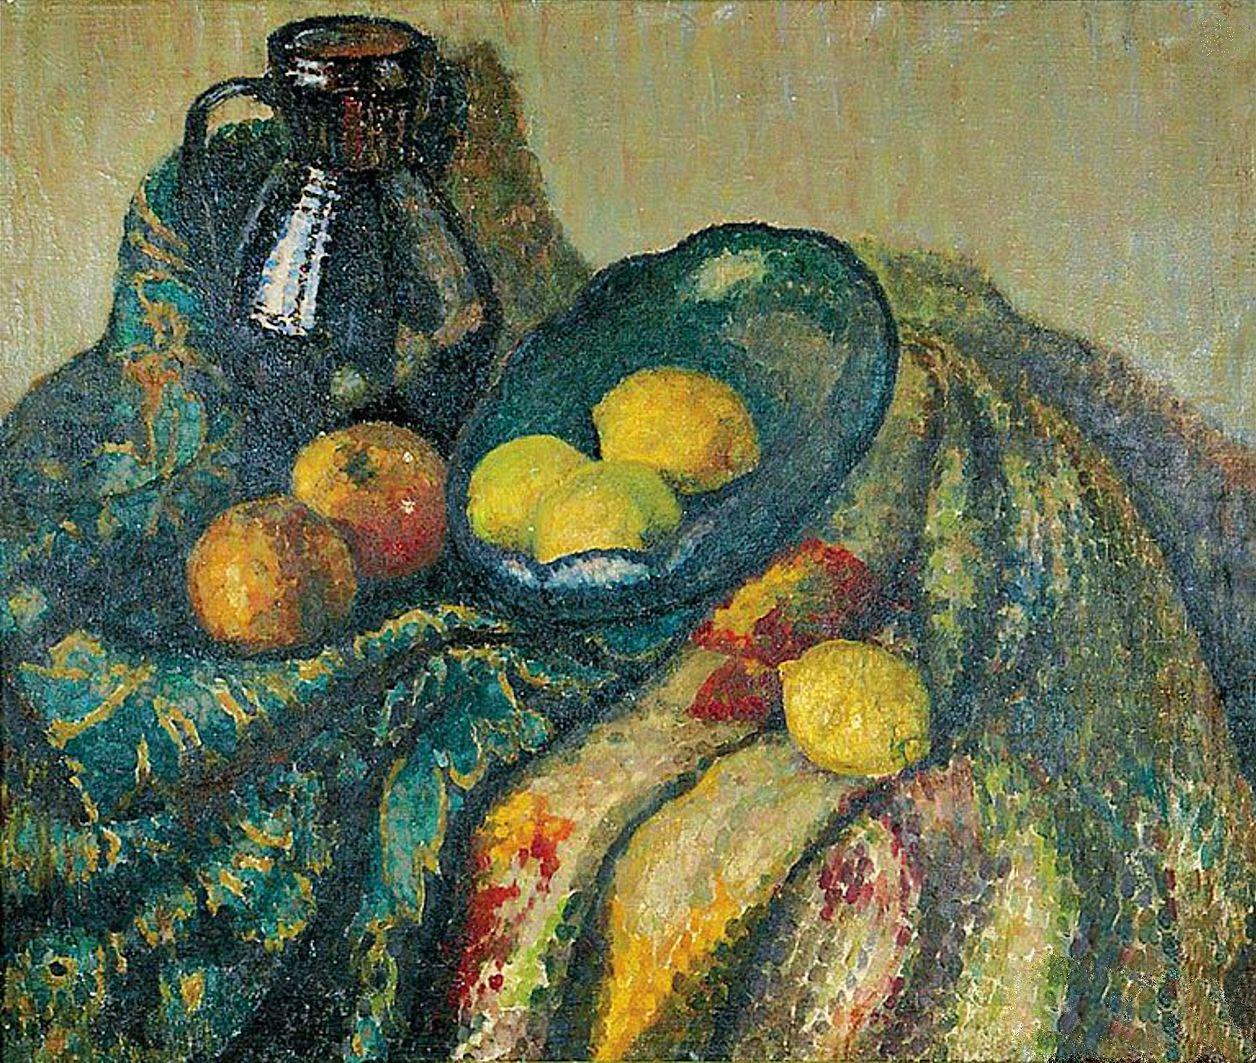 Яніна Новотнова. Натюрморт, 1926; олія, холст